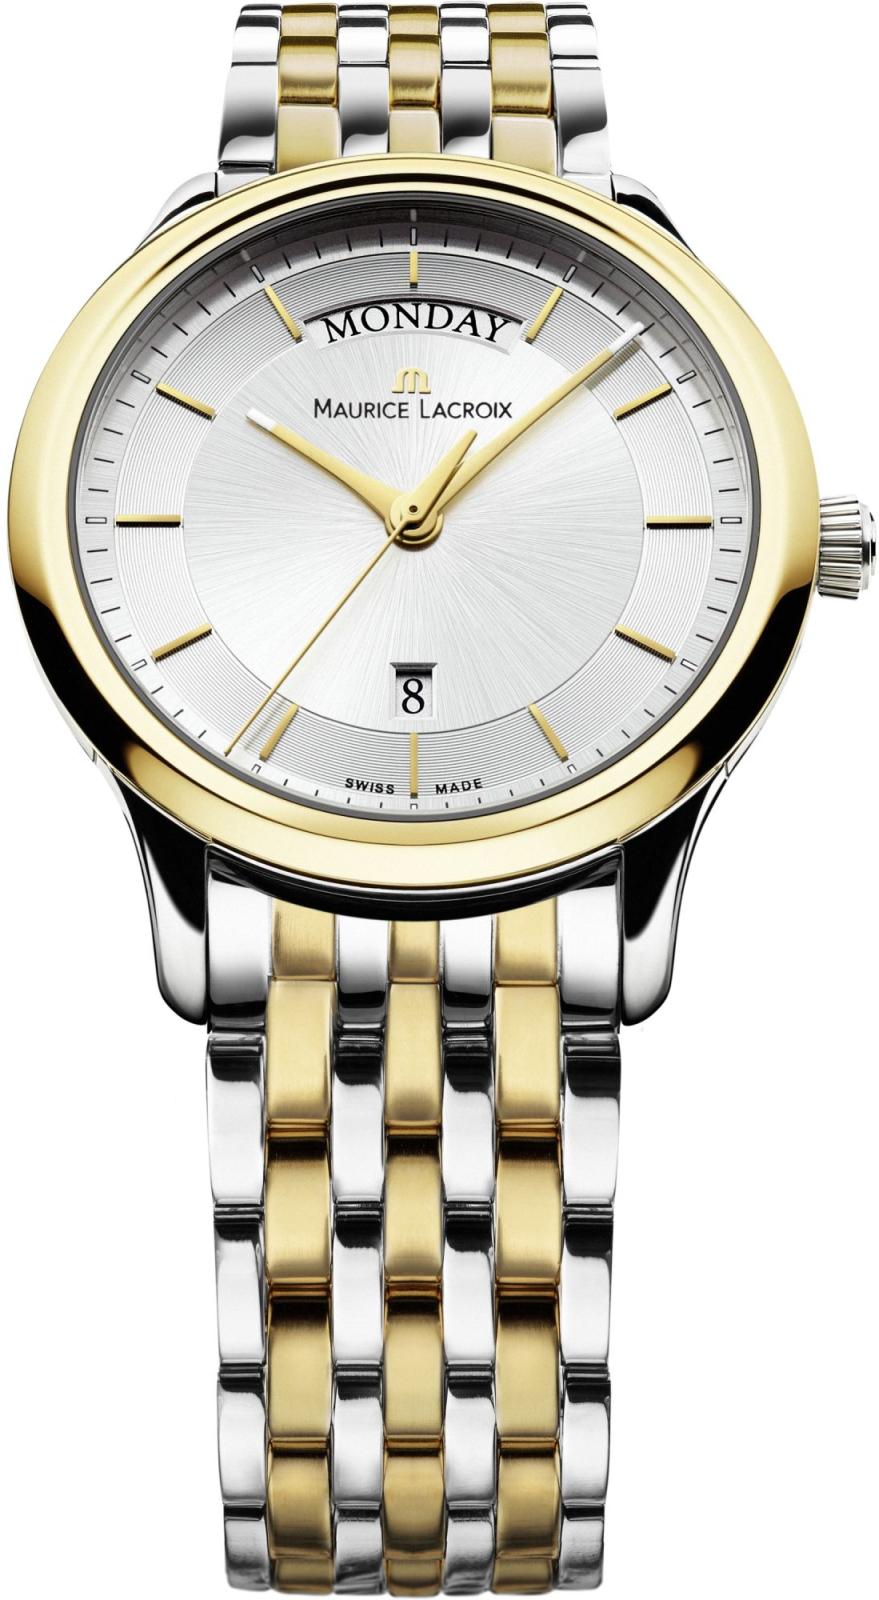 Maurice Lacroix Les Classiques LC1237-PVY13-130Наручные часы<br>Швейцарские часы Maurice Lacroix Les Classiques LC1237-PVY13-130Часы принадежат коллекции Les Classiques. Это настоящие Мужские часы. Материал корпуса часов &amp;mdash; Сталь+Золото. Браслет &amp;mdash; Сталь+Золото. В этих часах используется Сапфировое стекло. Часы выдерживают давление на глубине 30 м . Размер данной модели 38мм.<br><br>Пол: Мужские<br>Страна-производитель: Швейцария<br>Механизм: Кварцевый<br>Материал корпуса: Сталь+Золото<br>Материал ремня/браслета: Сталь+Золото<br>Водозащита, диапазон: 20 - 100 м<br>Стекло: Сапфировое<br>Толщина корпуса: None<br>Стиль: None